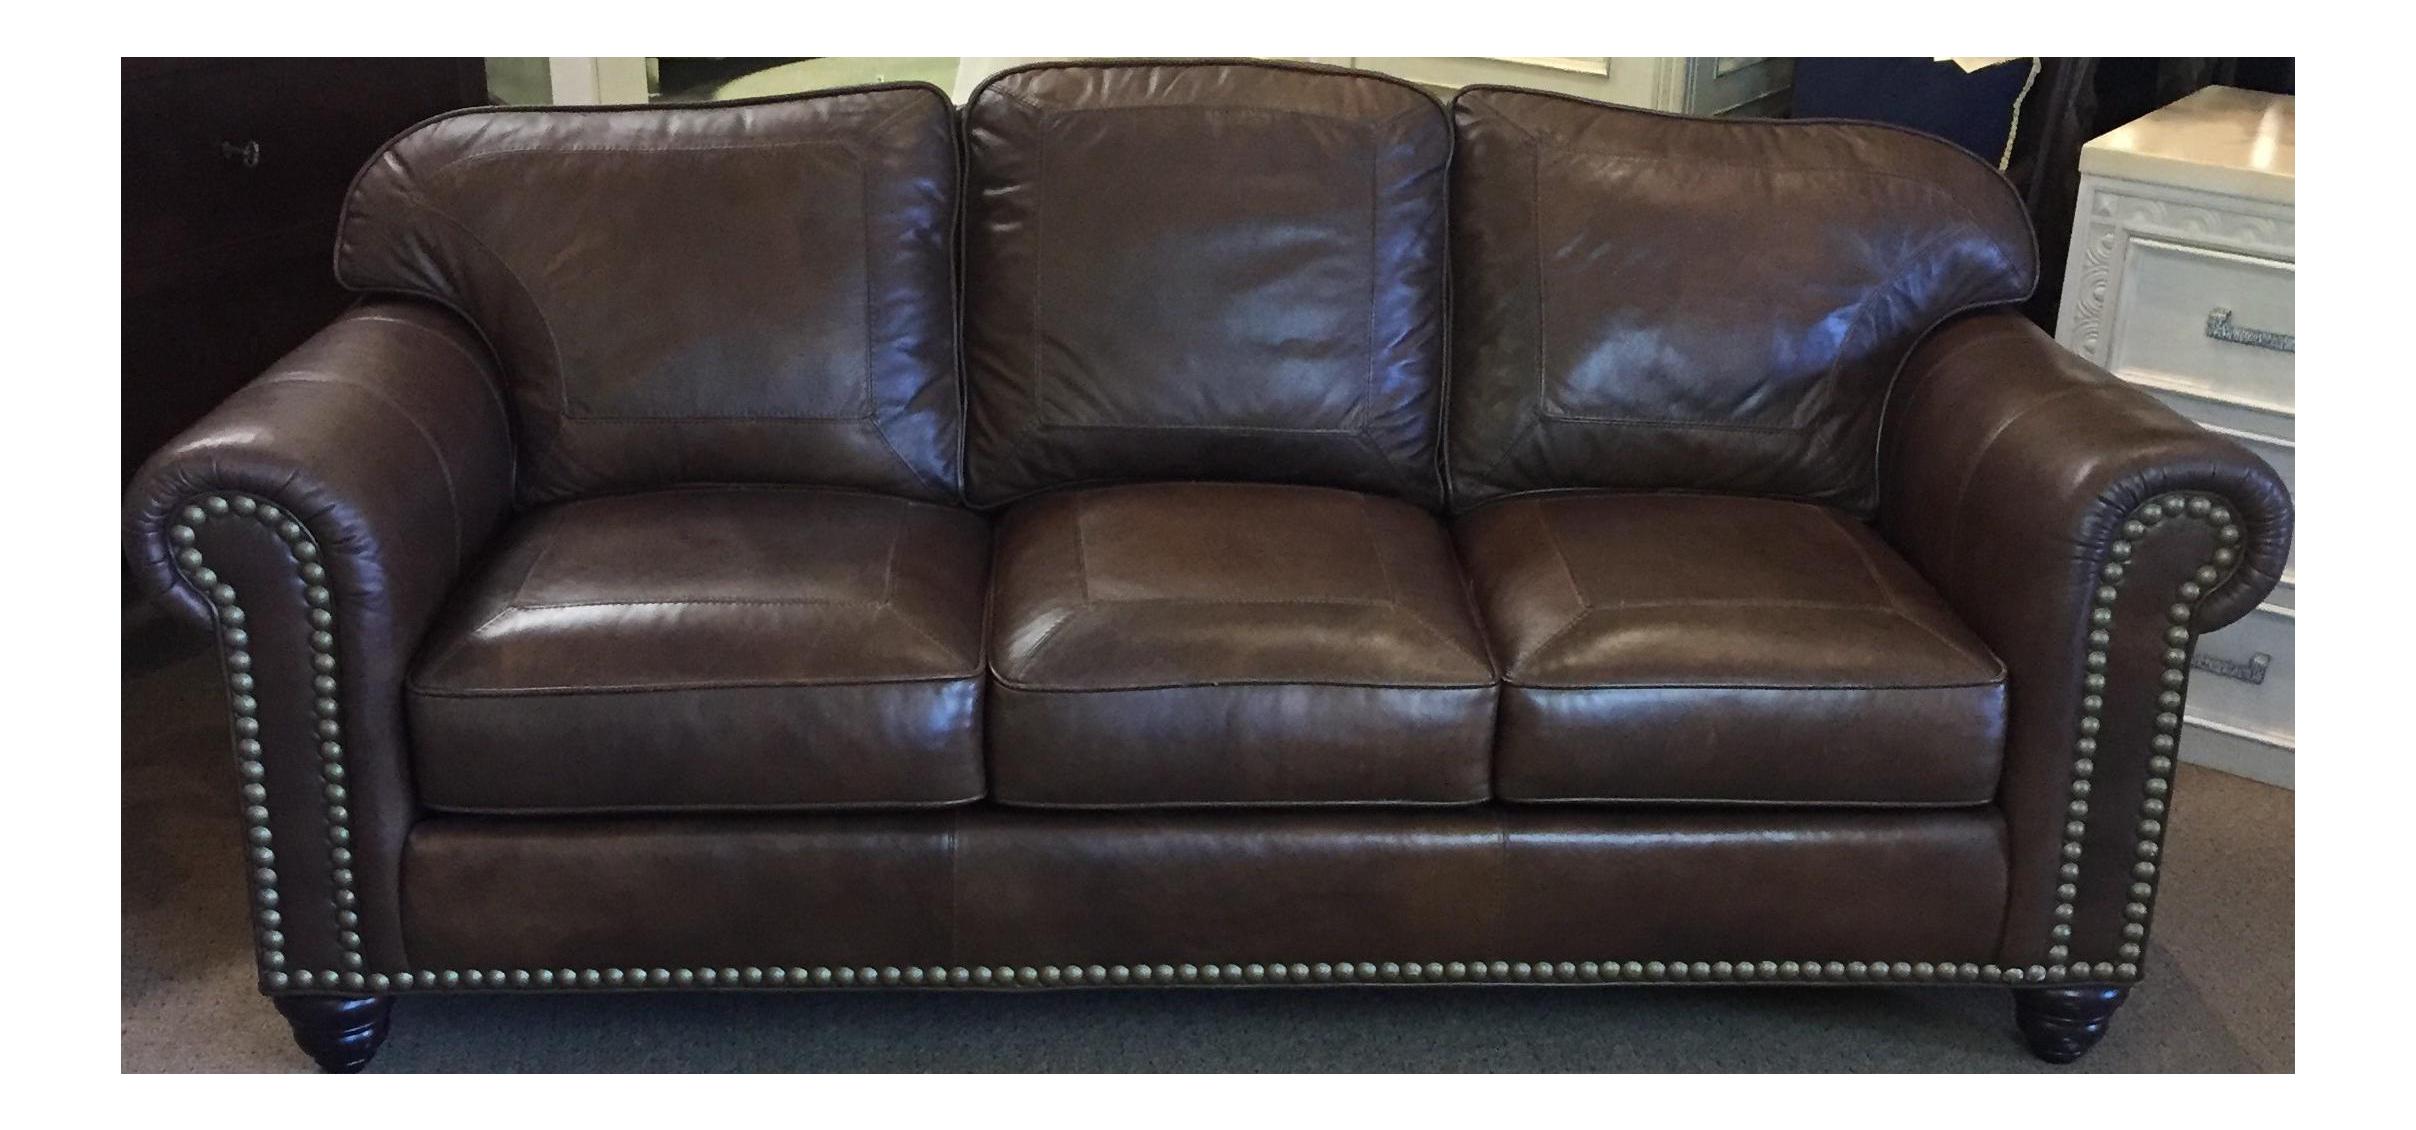 Whittemore Sherrill Leather Sofa Chairish